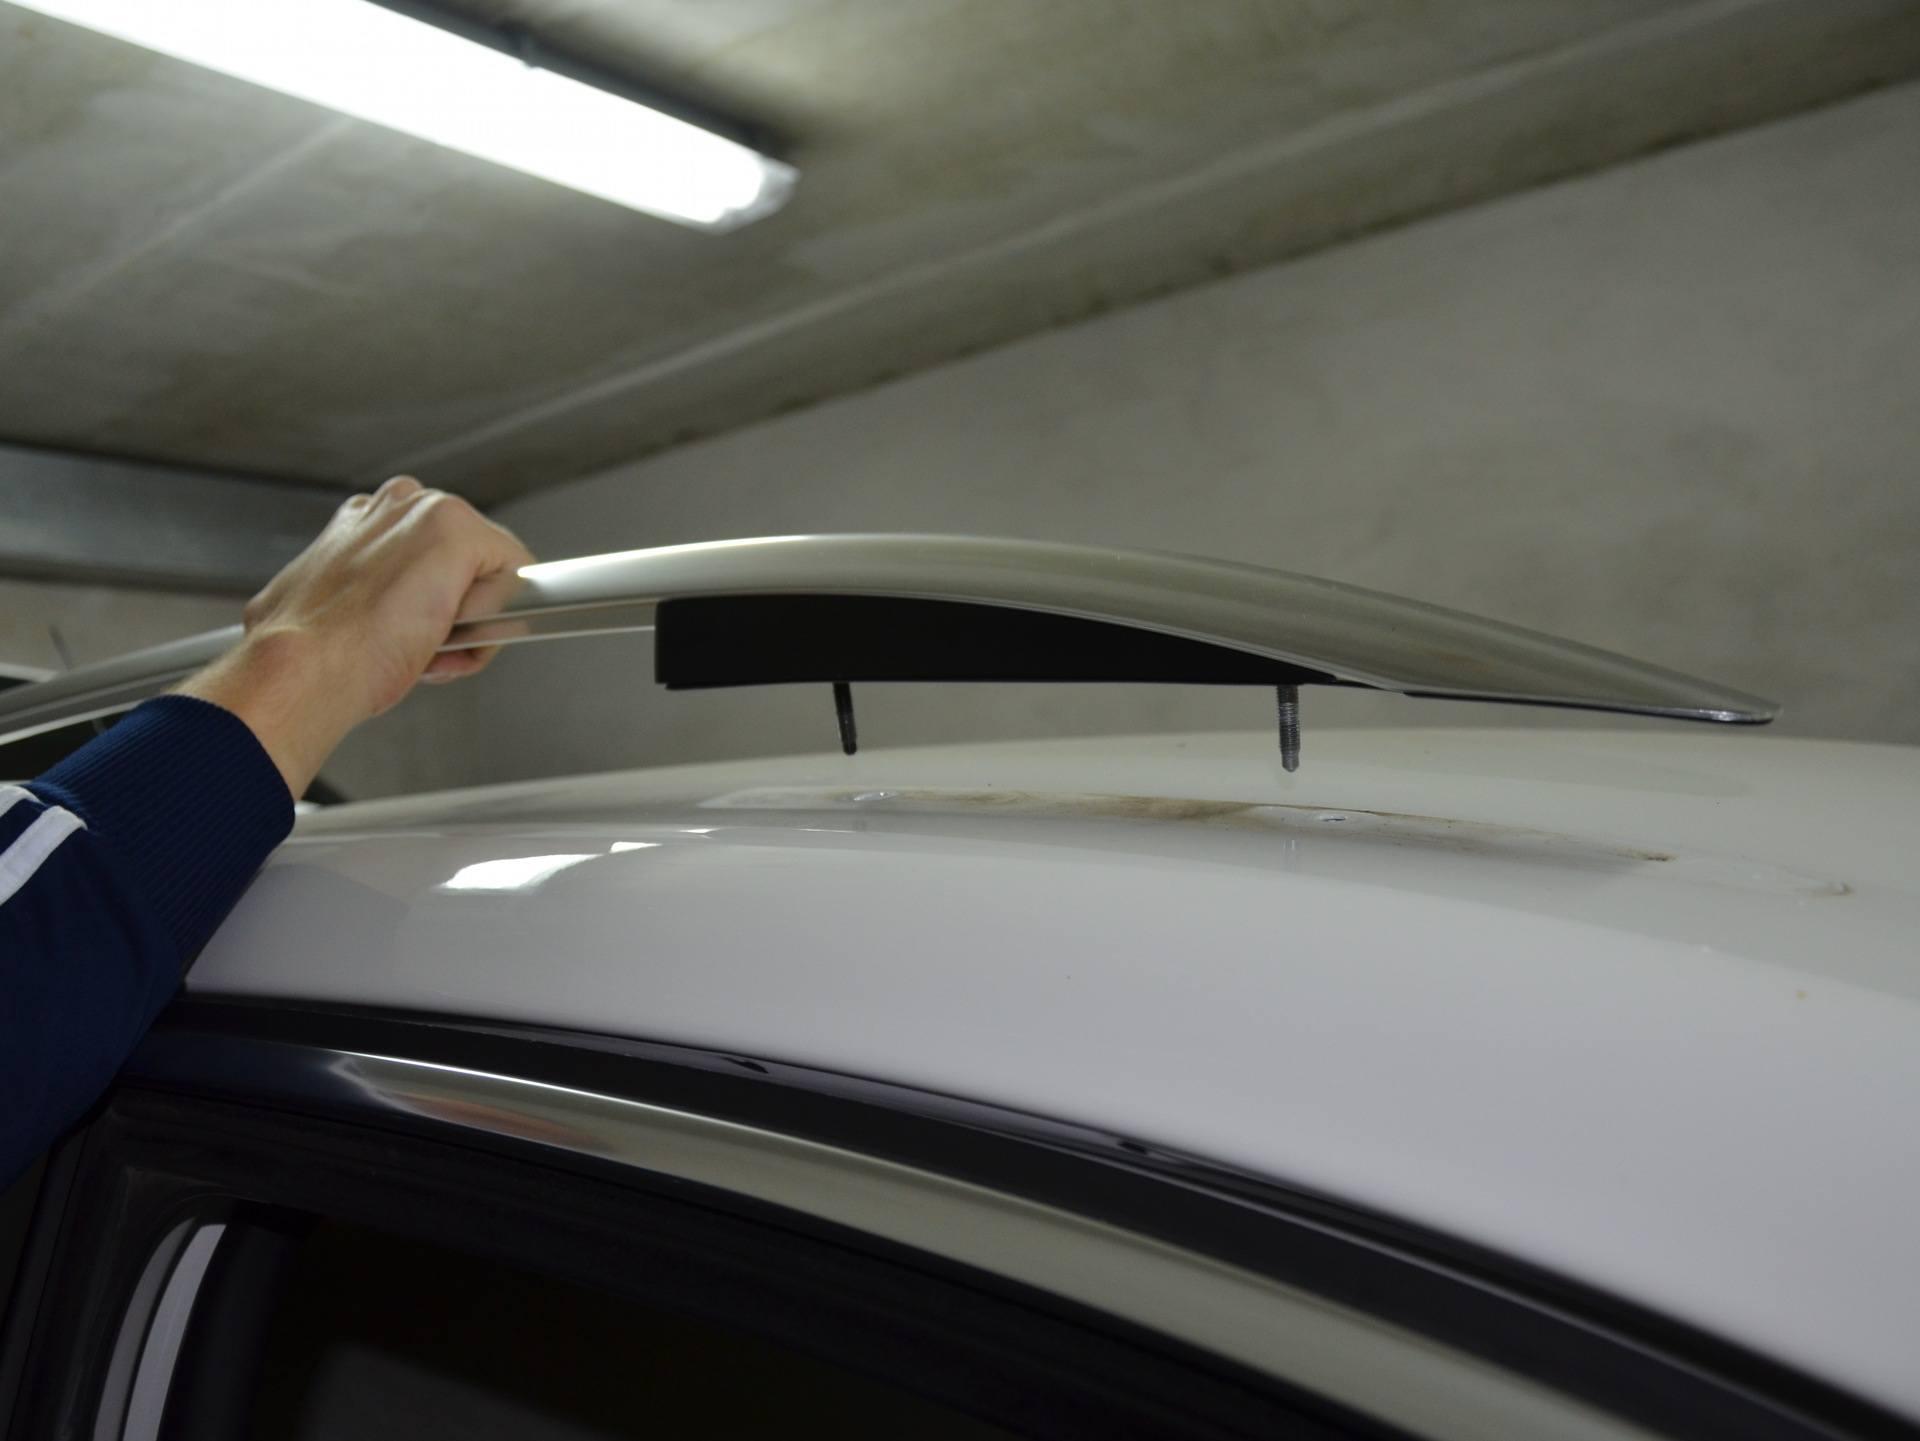 Установка рейлингов на крышу автомобиля